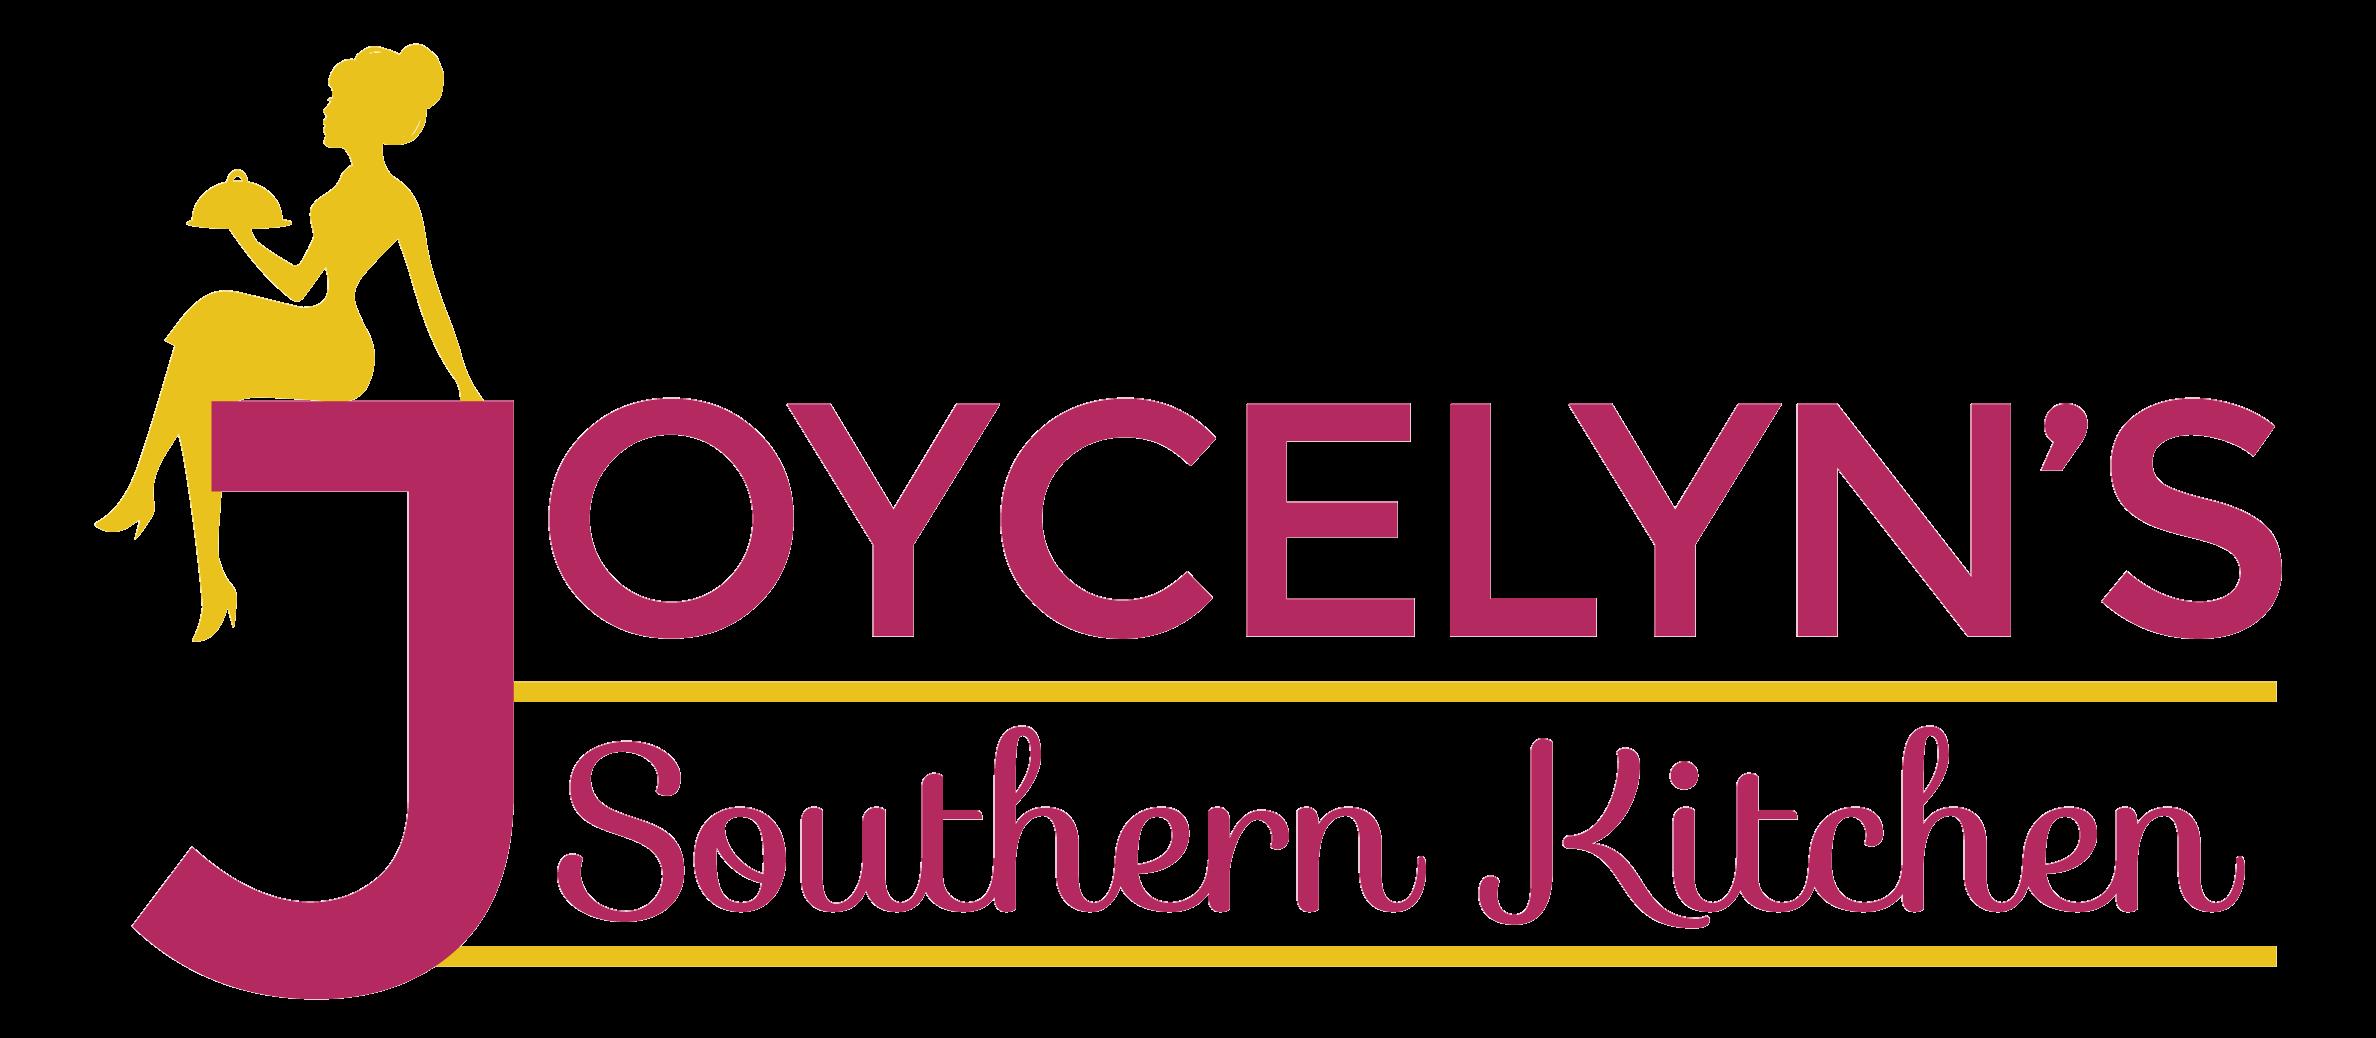 Joycelyn's Southern Kitchen